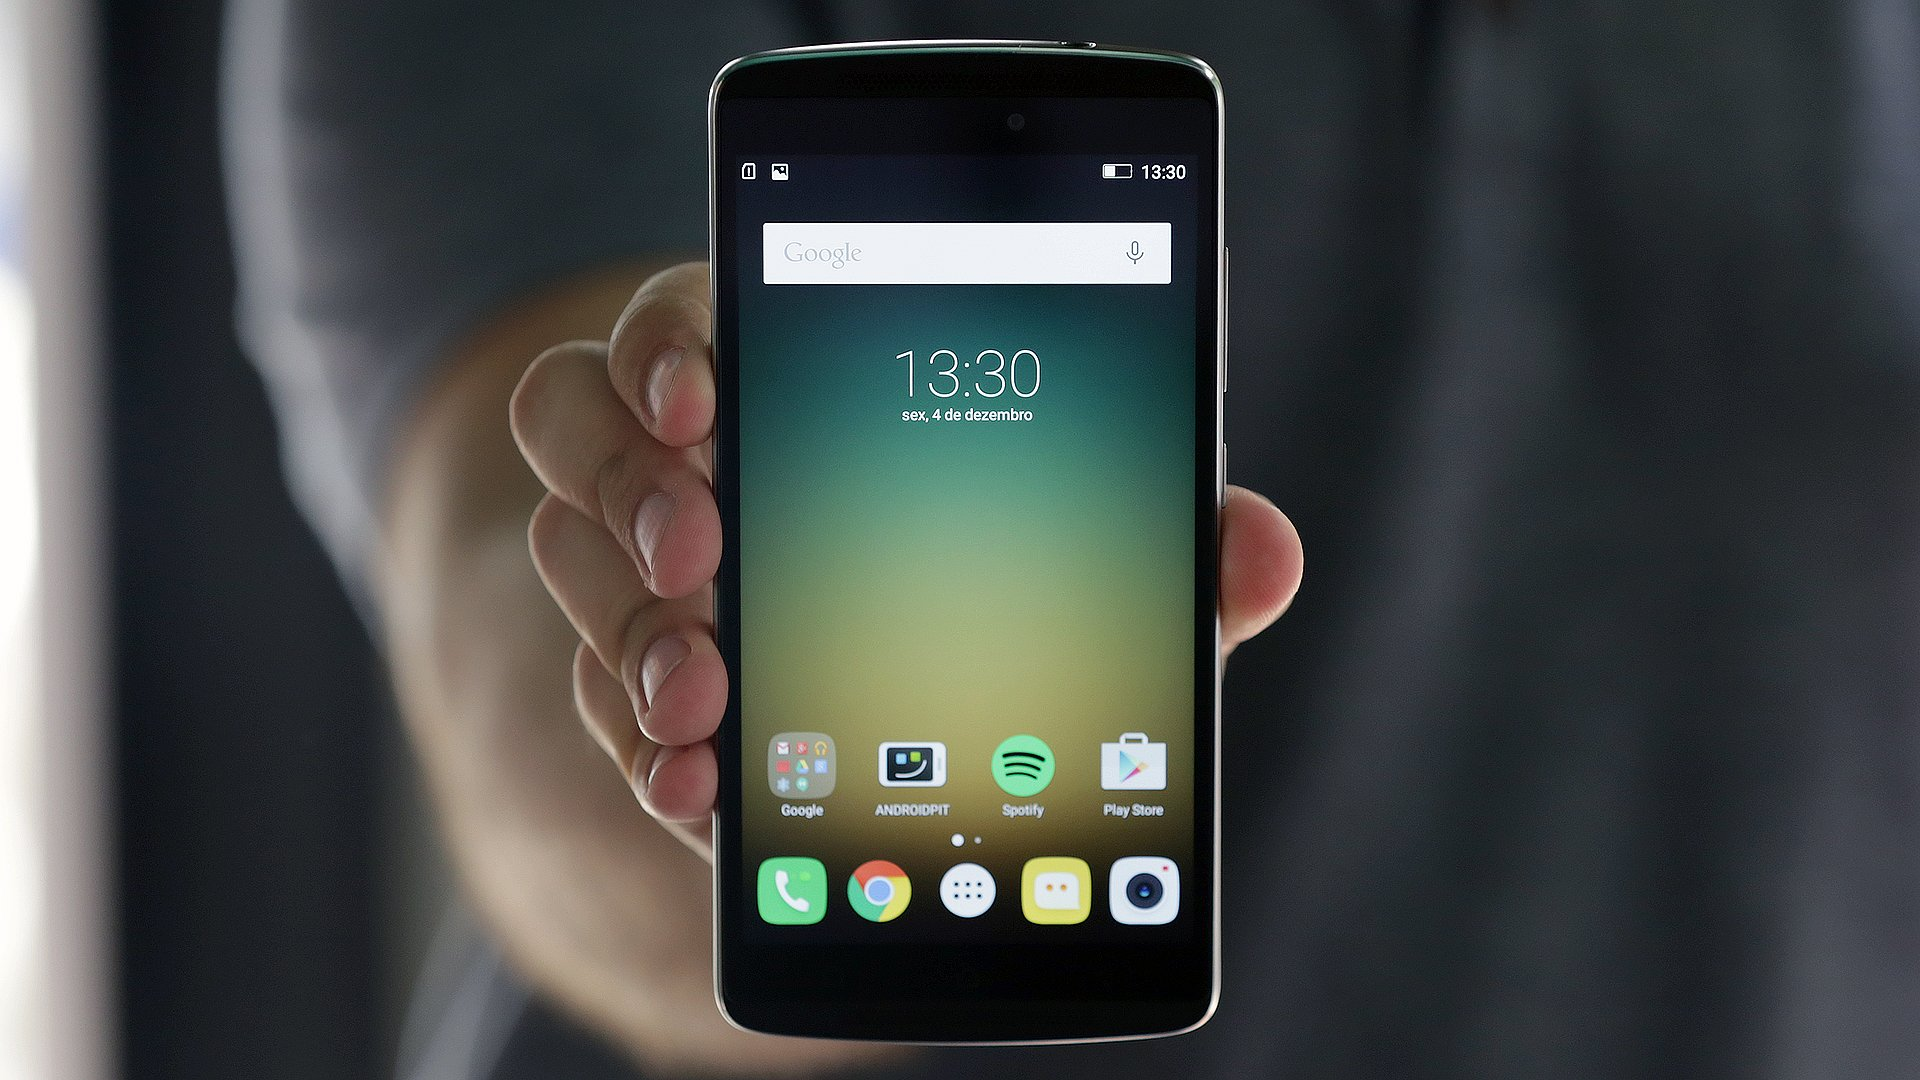 7d81100c00e 5 melhores dicas e truques para o Lenovo Vibe A7010 | AndroidPIT